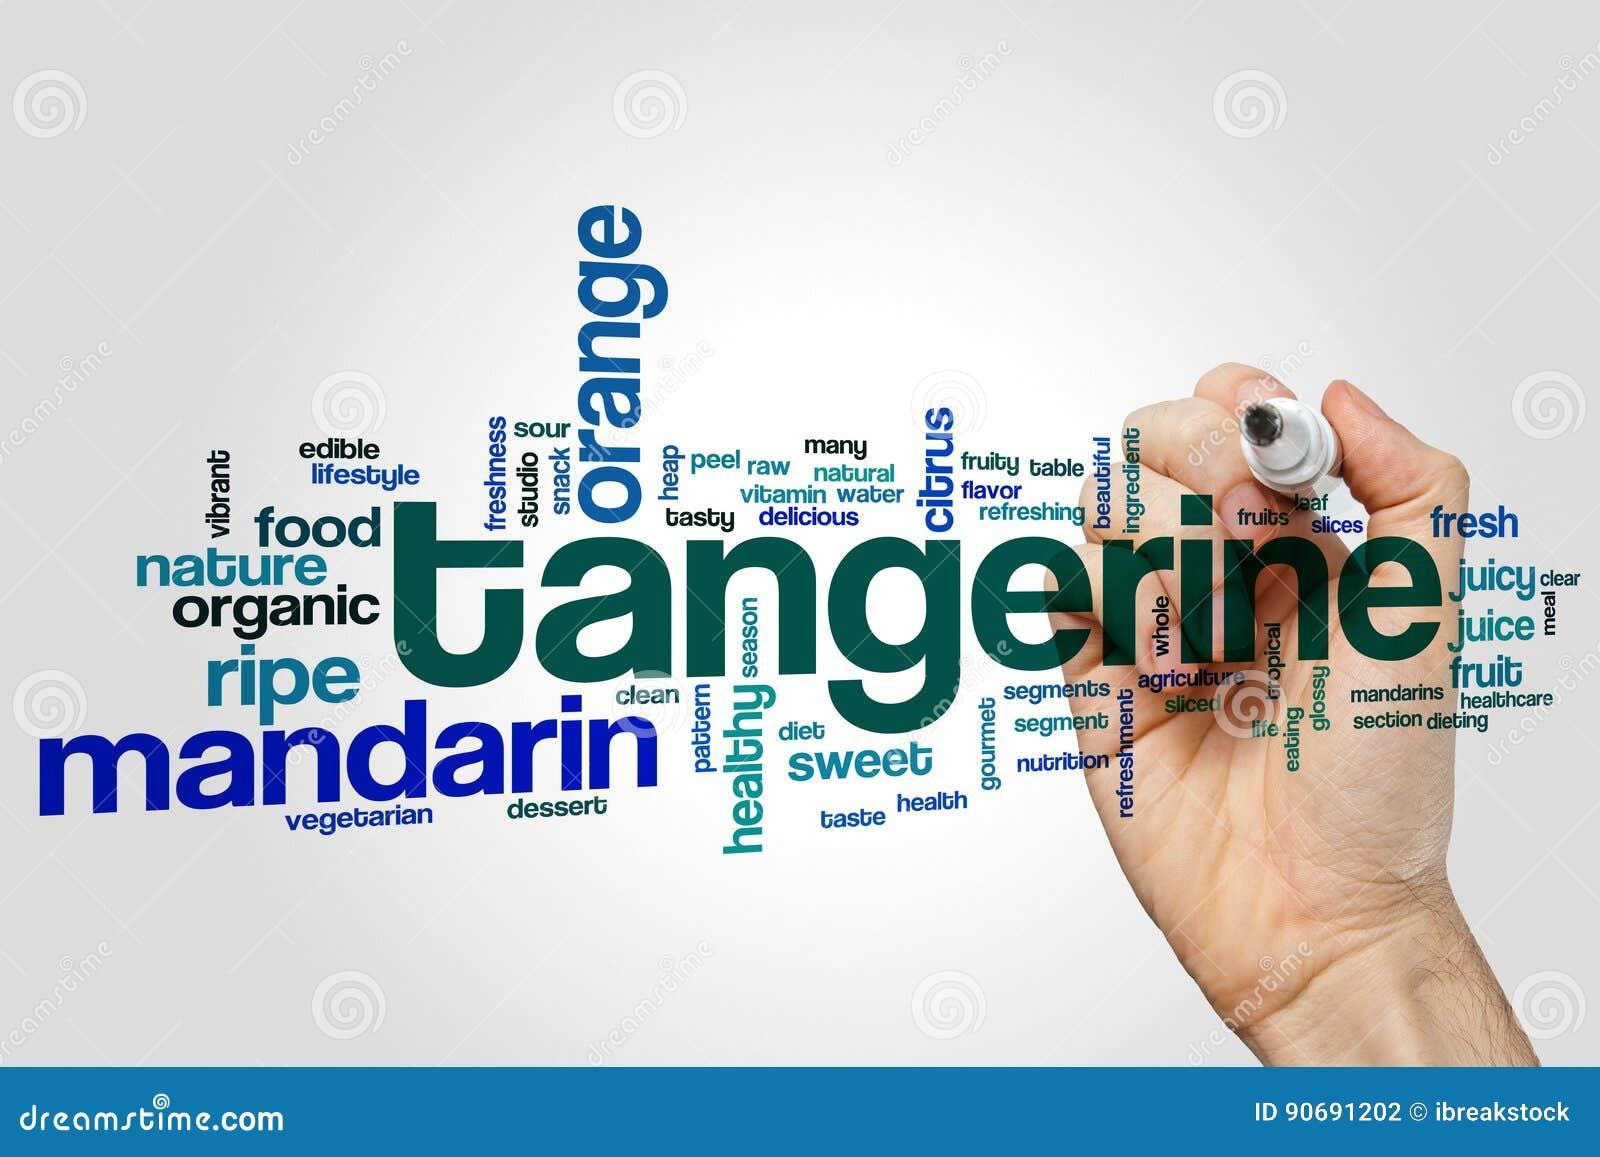 Tangerine word cloud